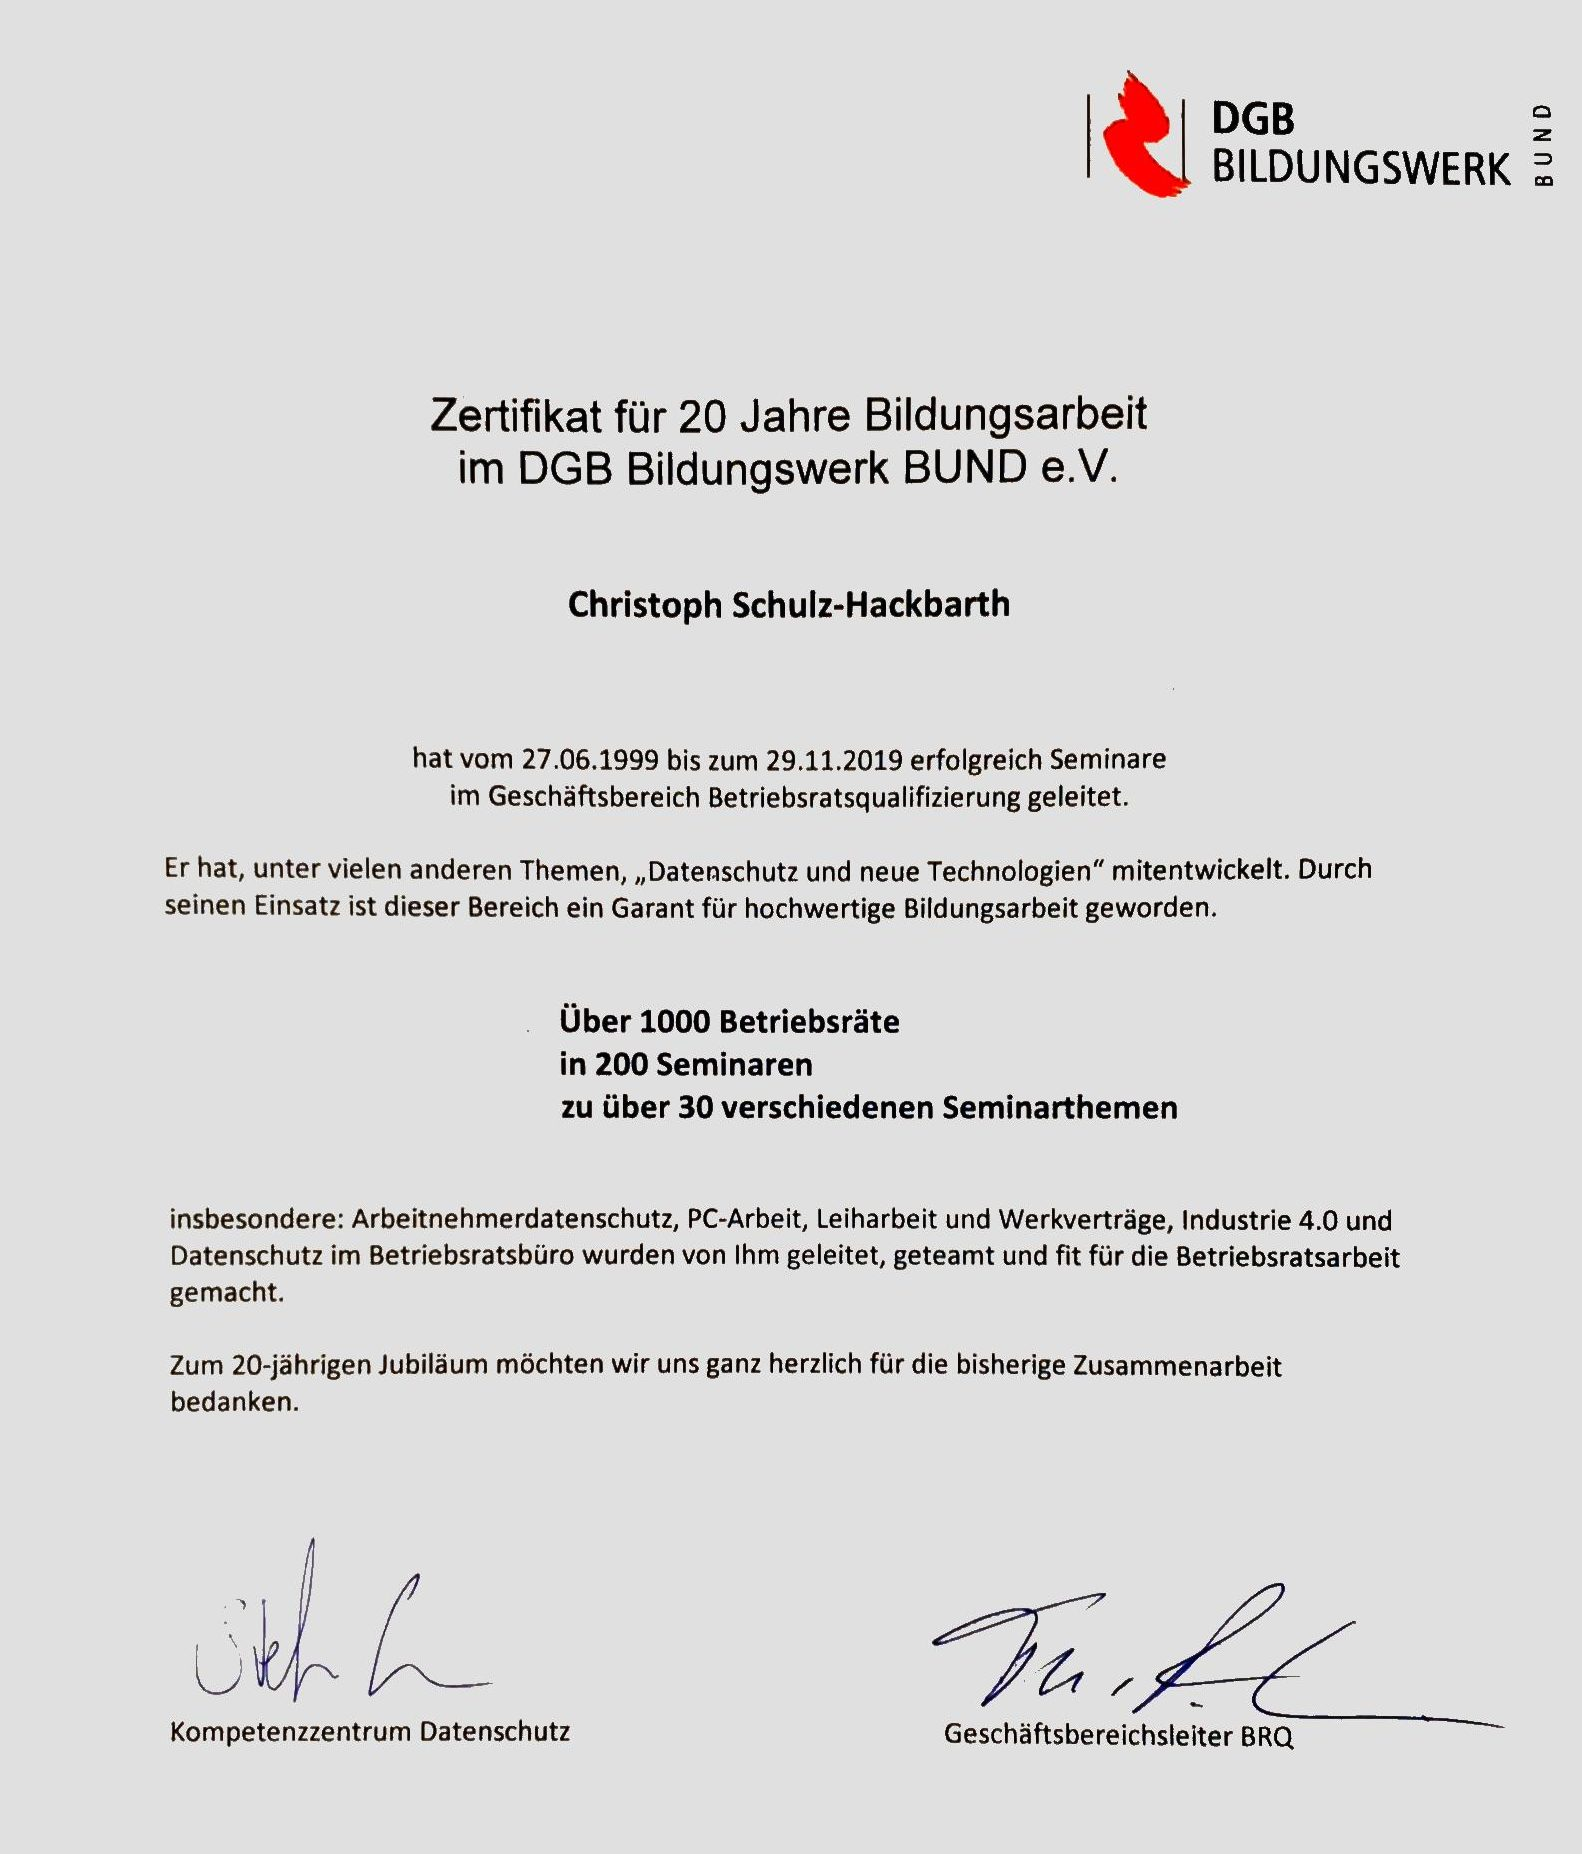 Zertifikat des DGB Bildungswerkes Bund für 20 Jahre Dozententätigkeit